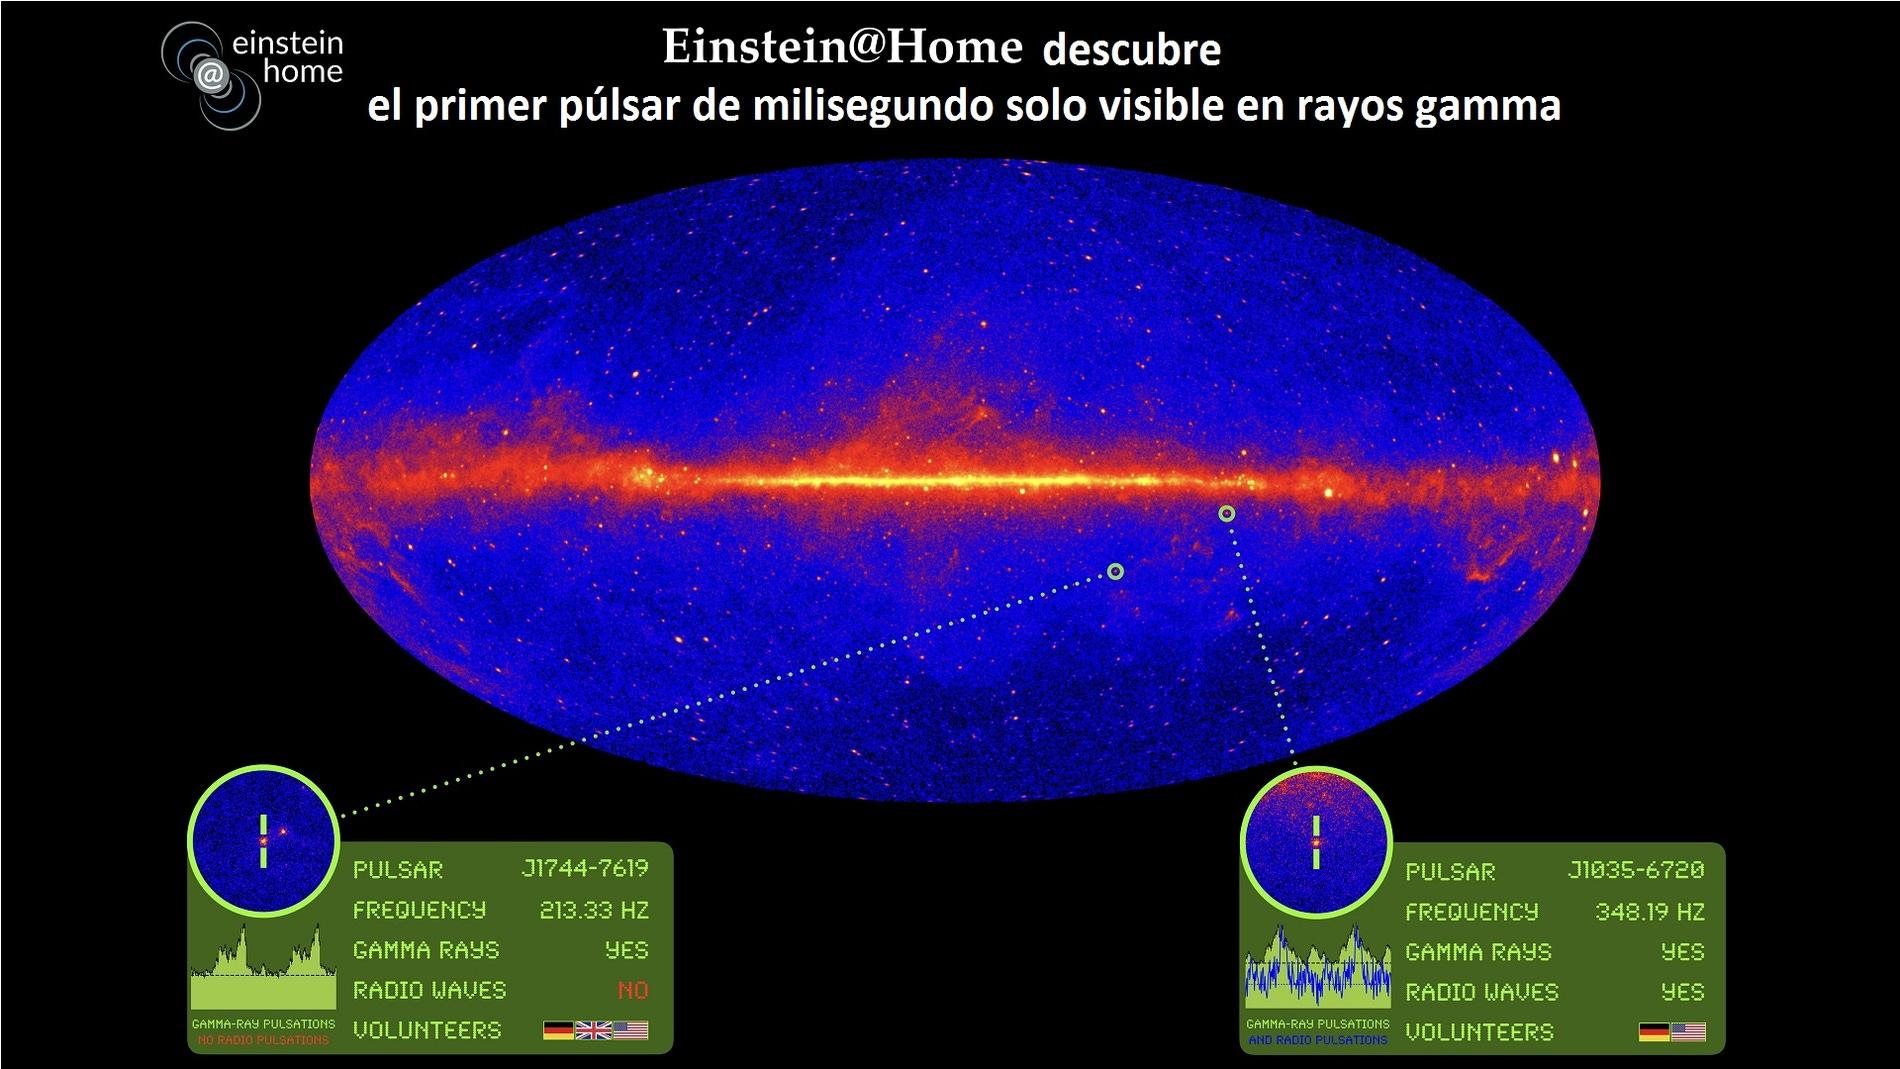 Ciencia ciudadana en el descubrimiento de dos estrellas de neutrones